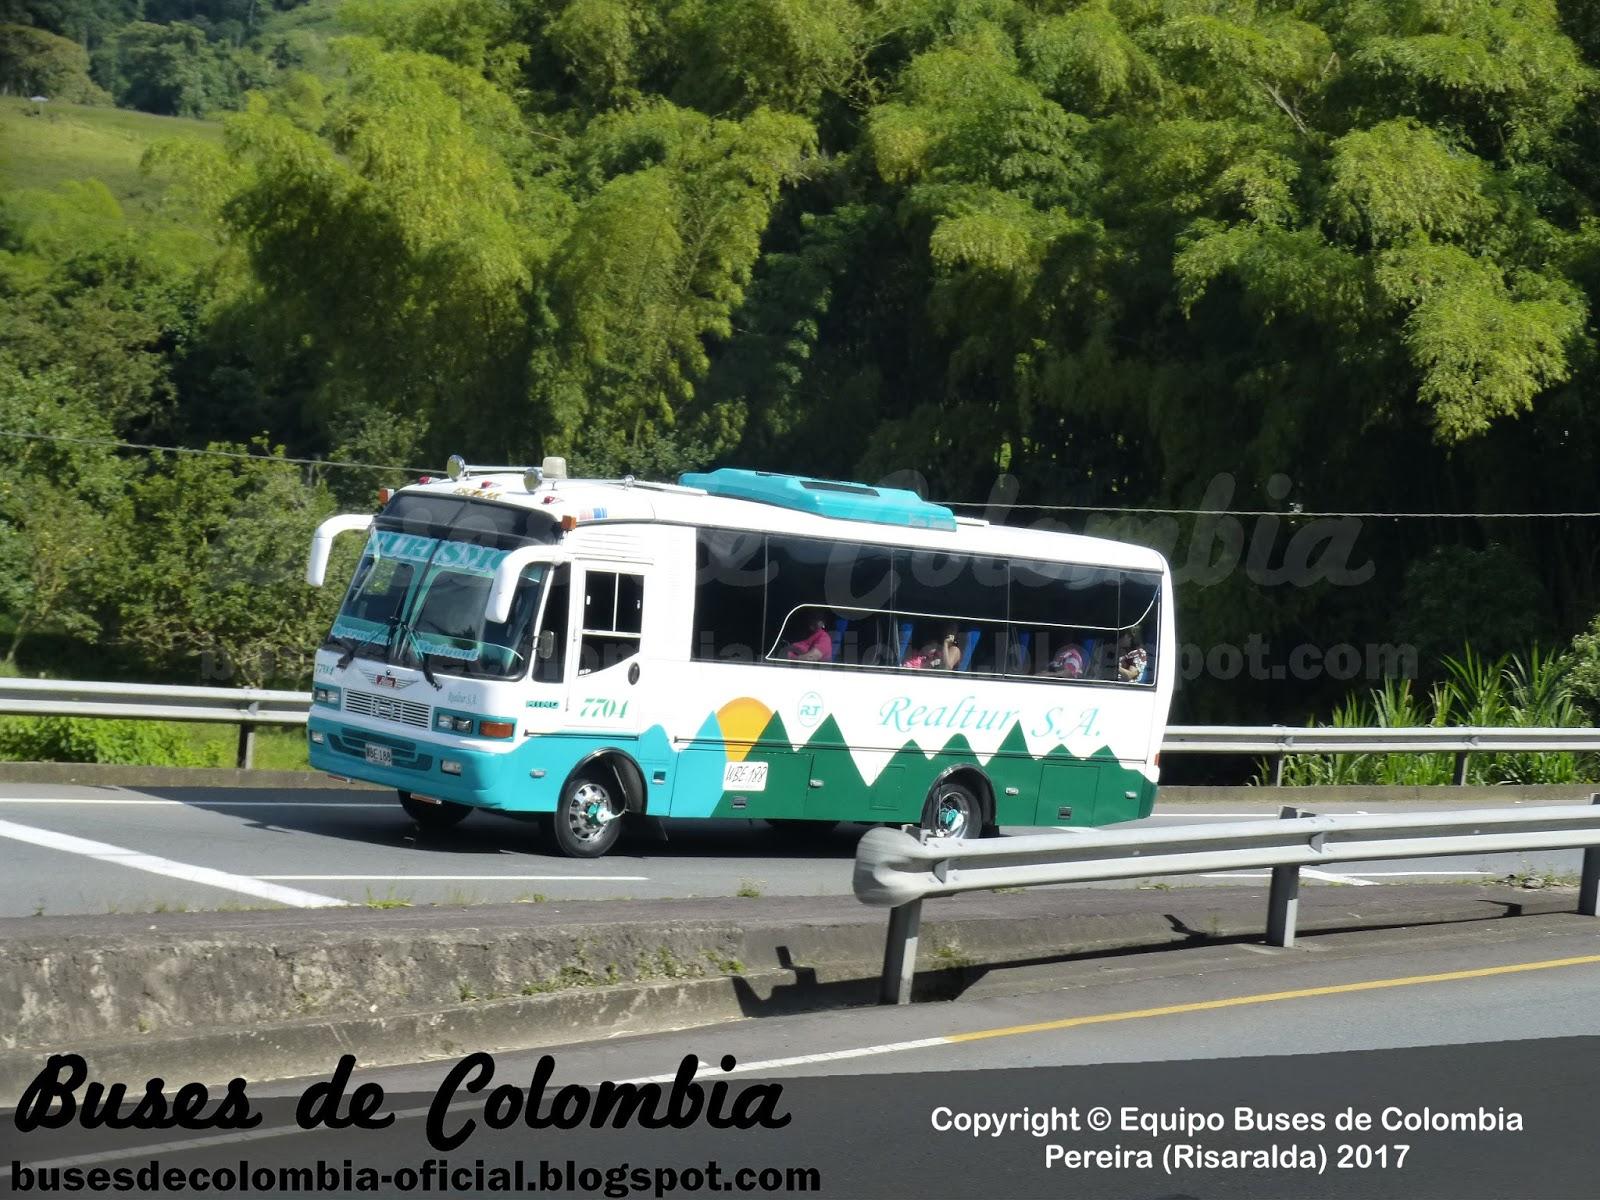 Realtur S A  7704 | Buses de Colombia - Oficial